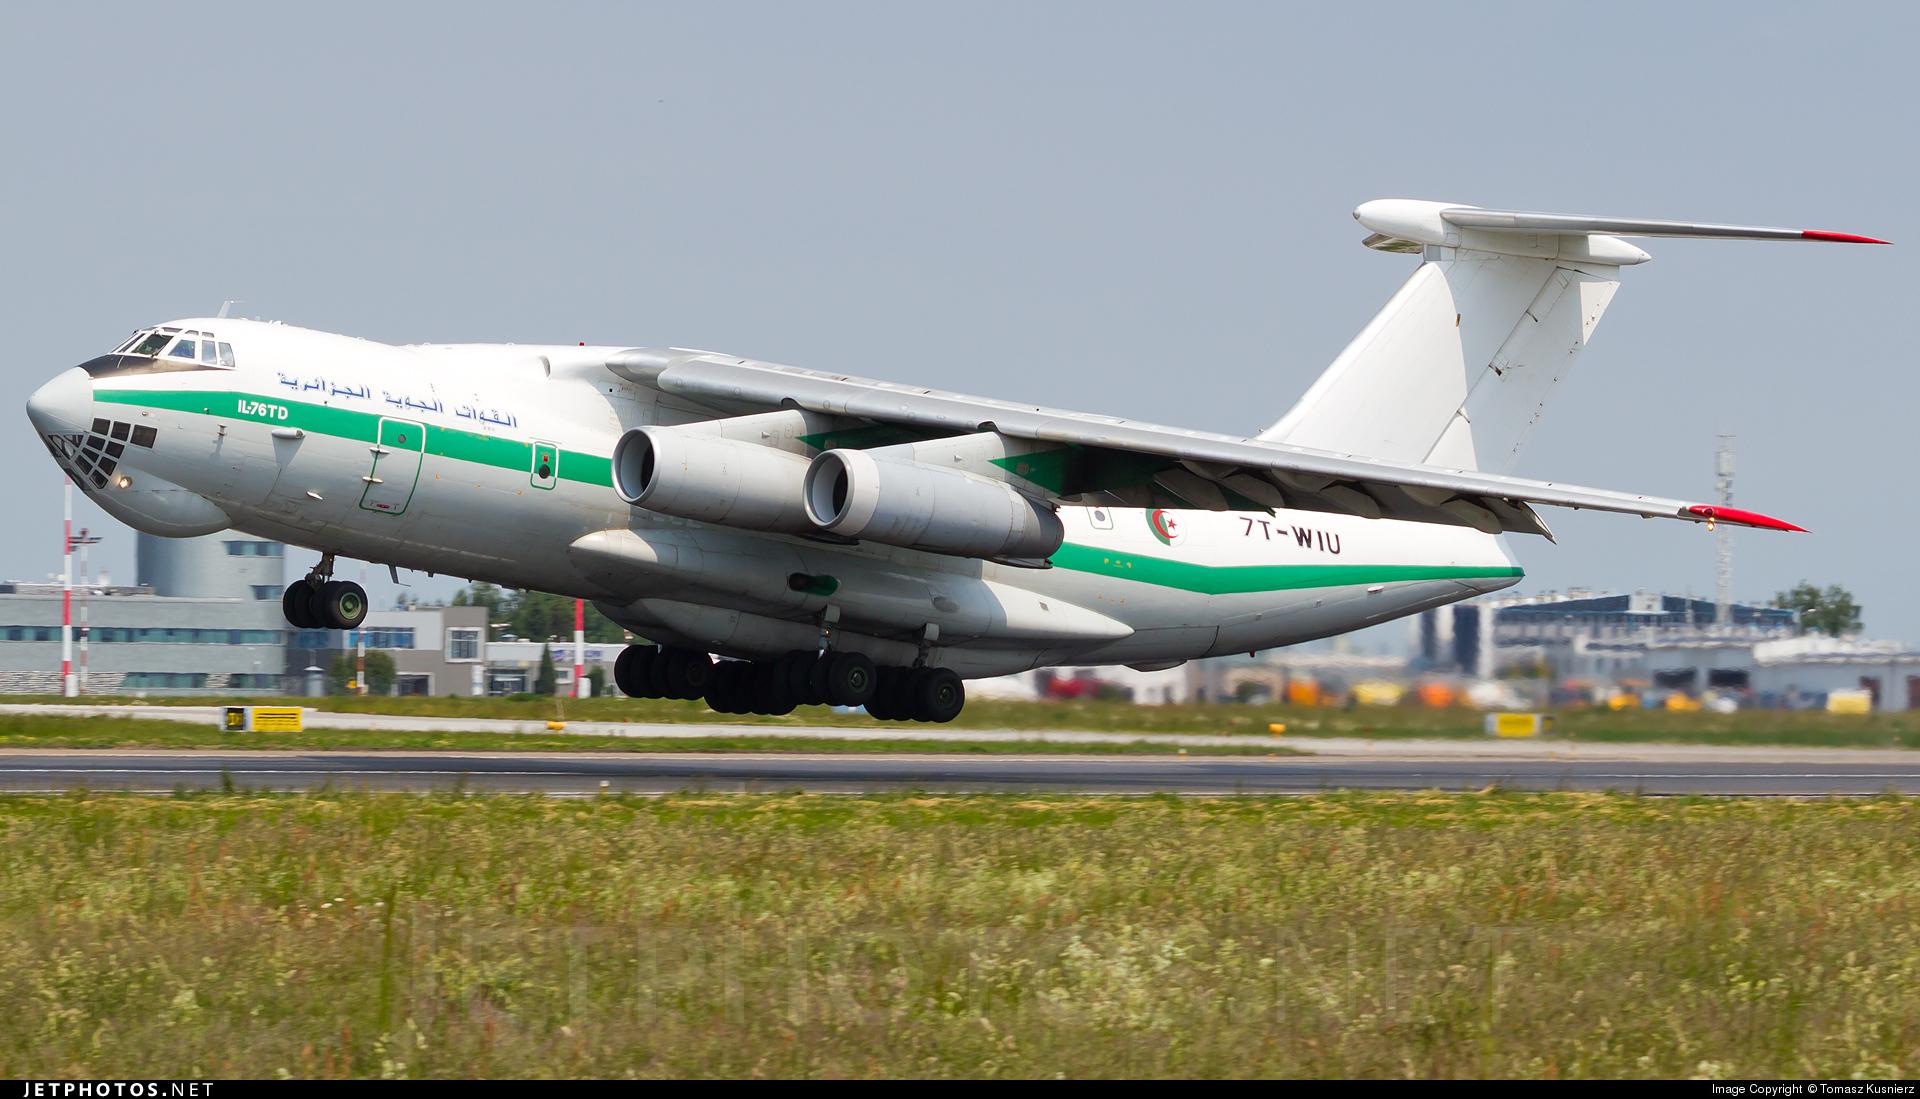 7T-WIU - Ilyushin IL-76TD - Algeria - Air Force